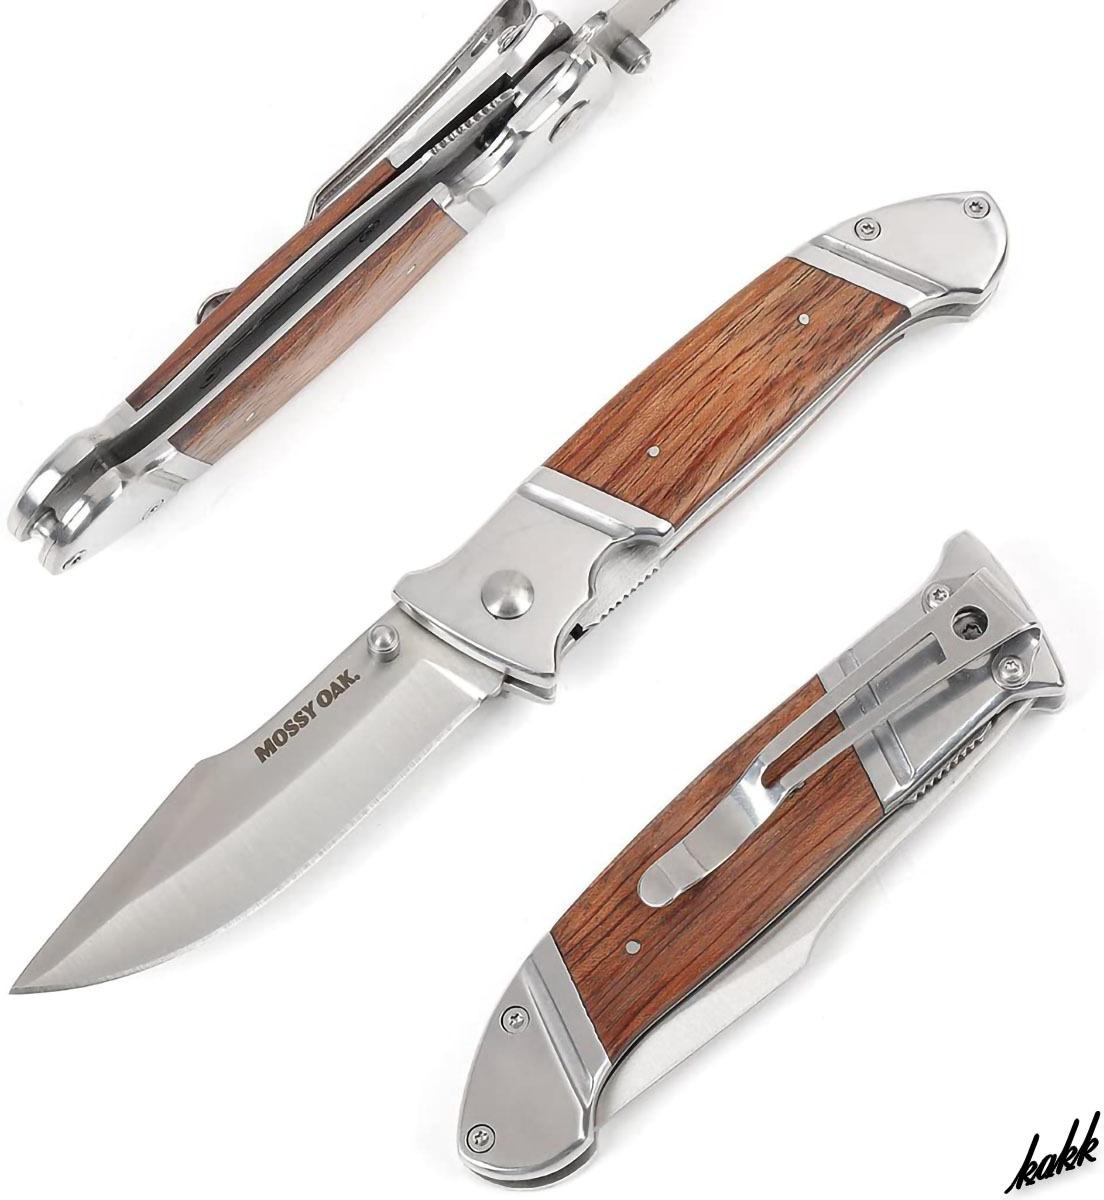 【フォールディングナイフ3本セット】 折りたたみナイフ ステンレス鋼 ウッドハンドル サイドロック機能 クリップ アウトドア包丁 釣り